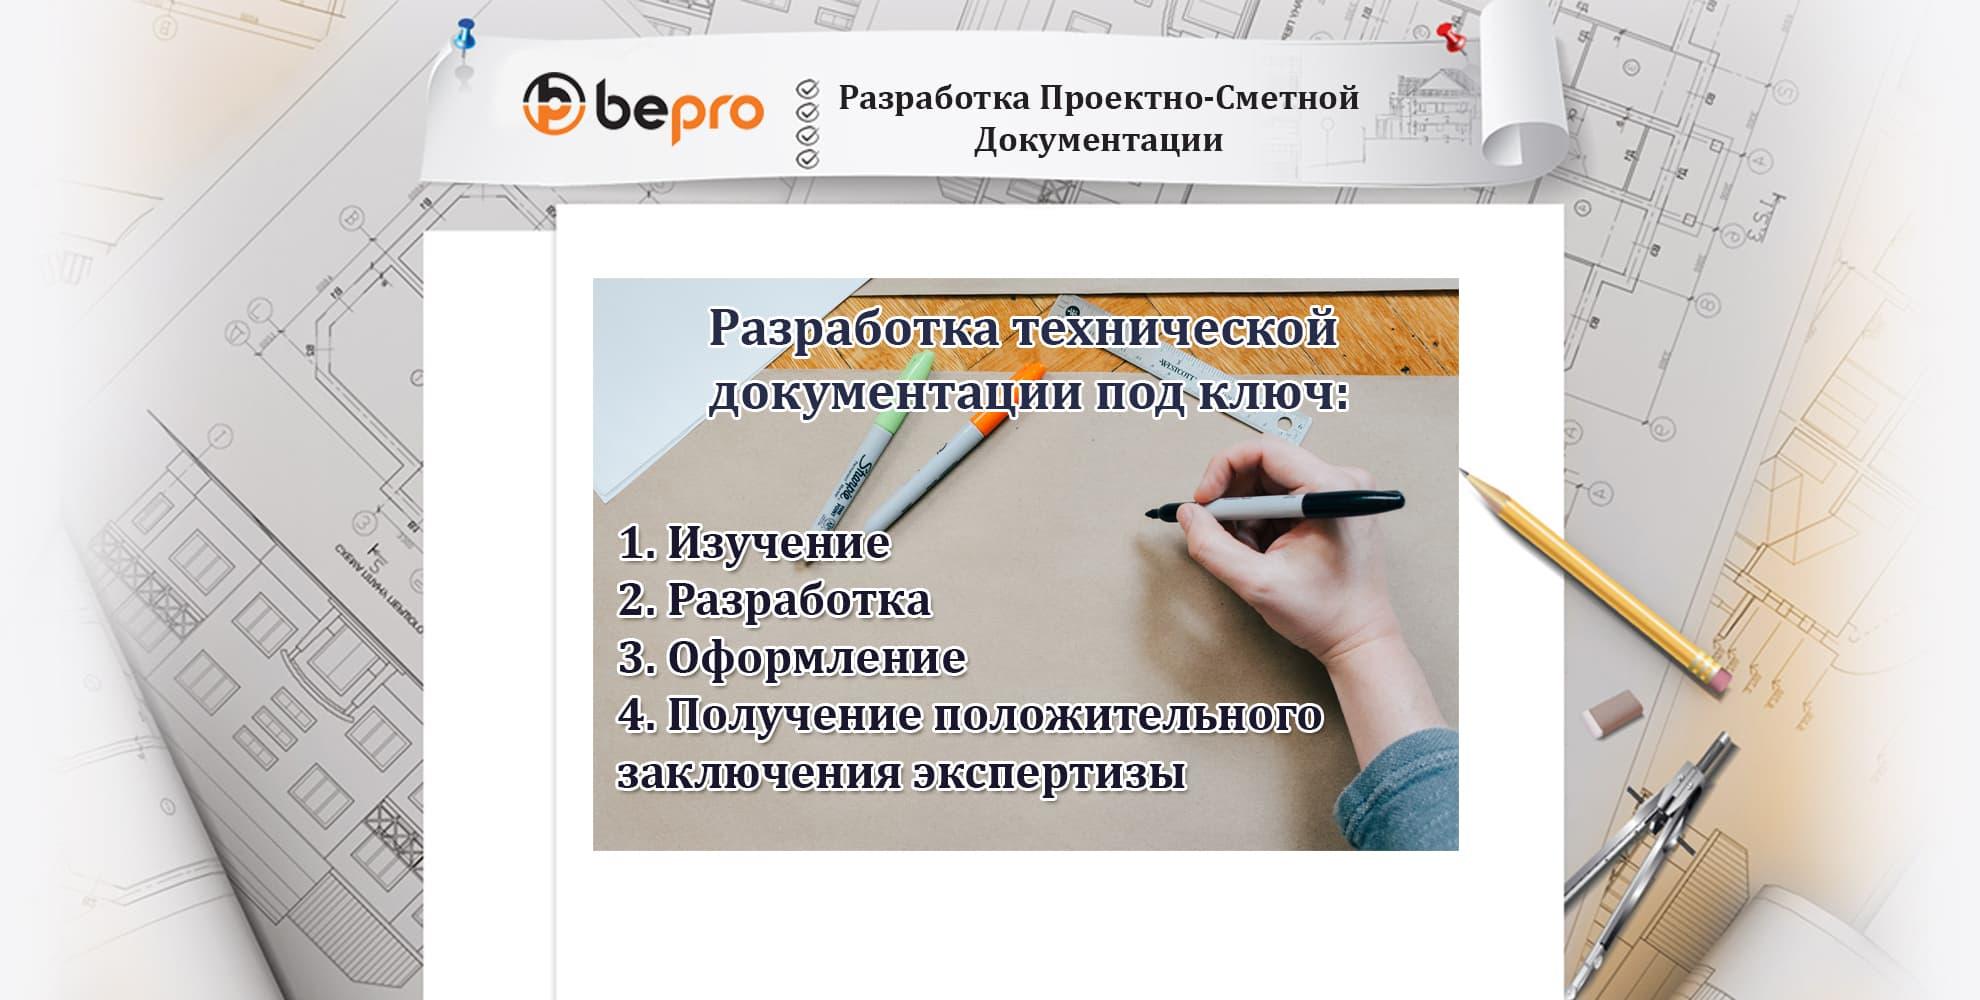 Проектно-Сметная документация